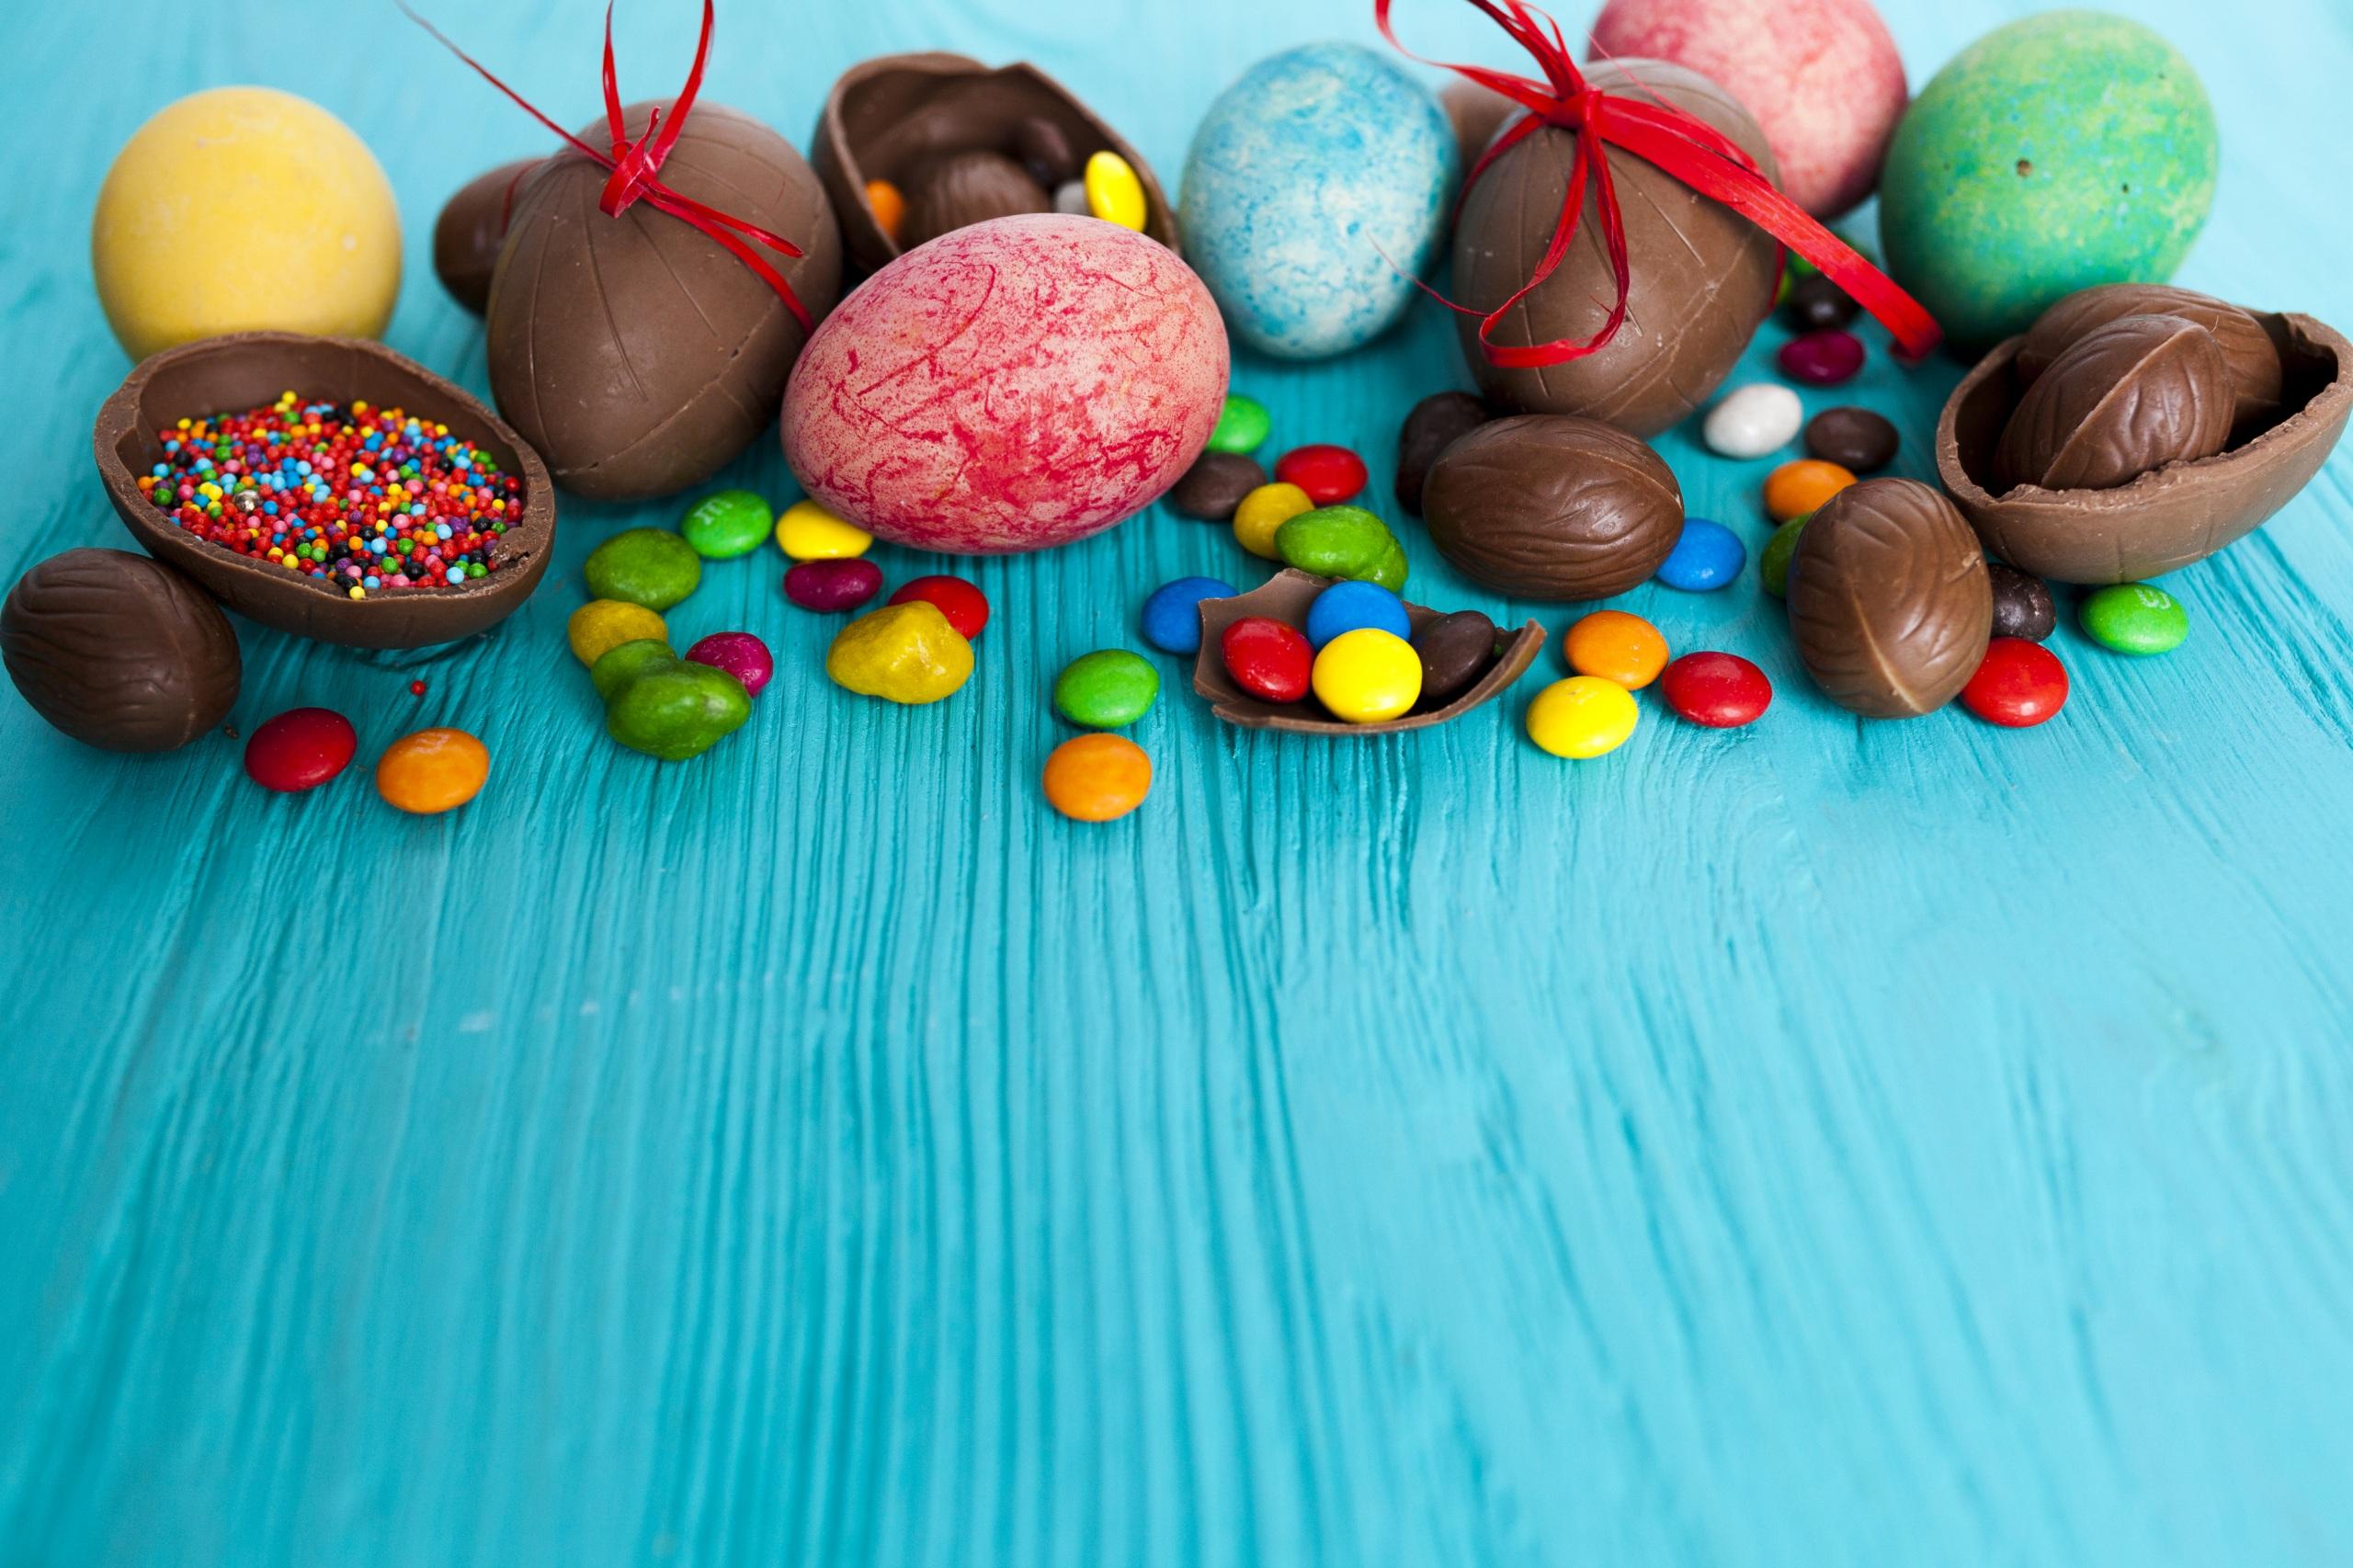 Фото Пасха яиц Шоколад Конфеты Еда сладкая еда 2560x1706 яйцо Яйца яйцами Пища Продукты питания Сладости